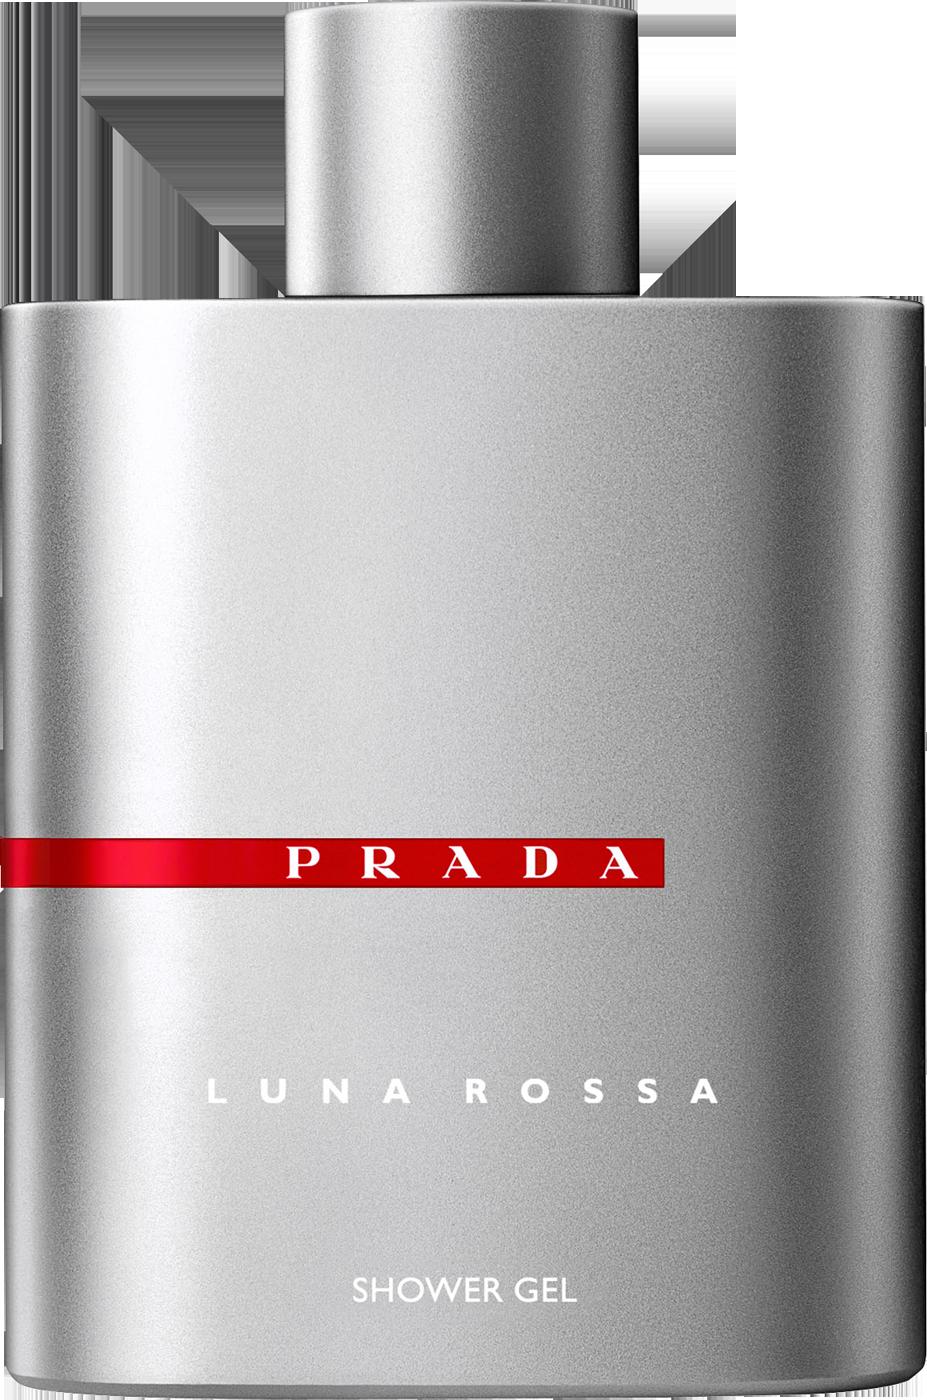 Prada Luna Rossa Shower Gel